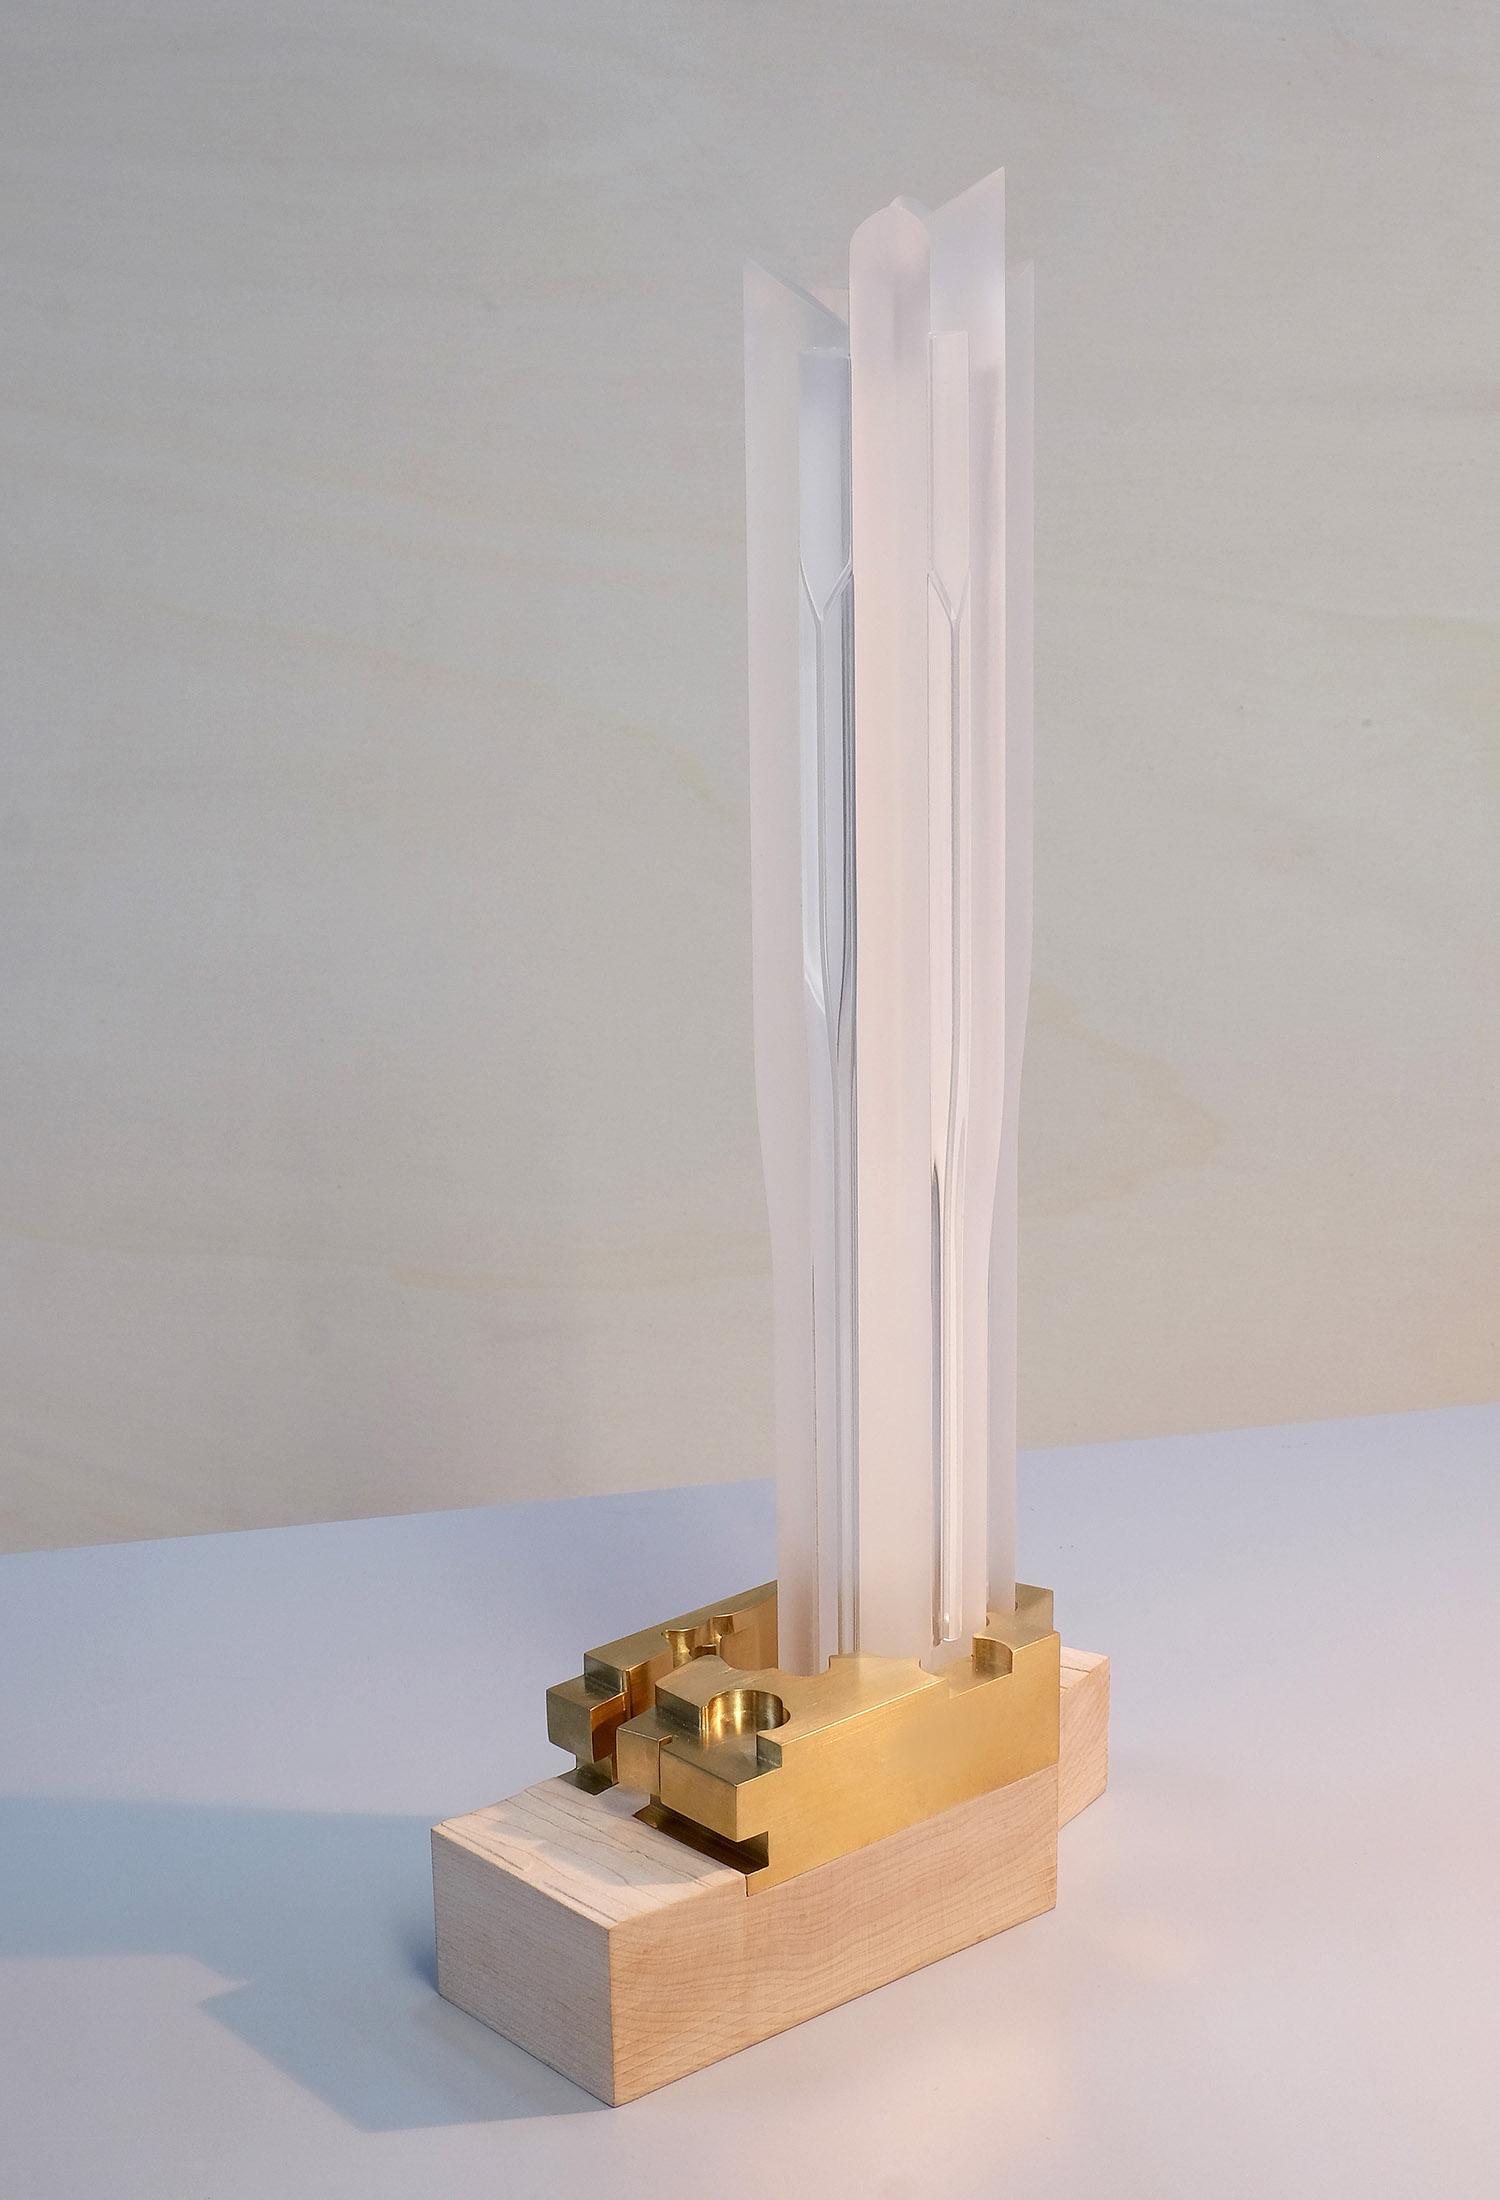 1:750 conceptual architectural model